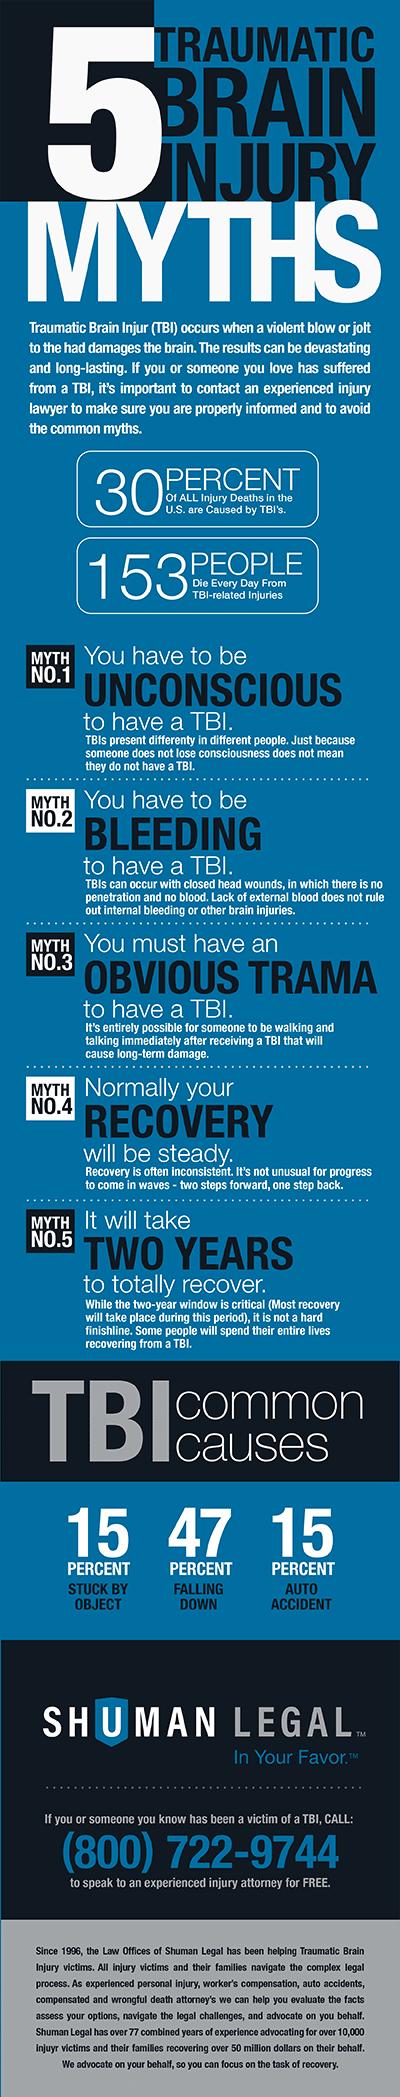 5 traumatic brain injury myths